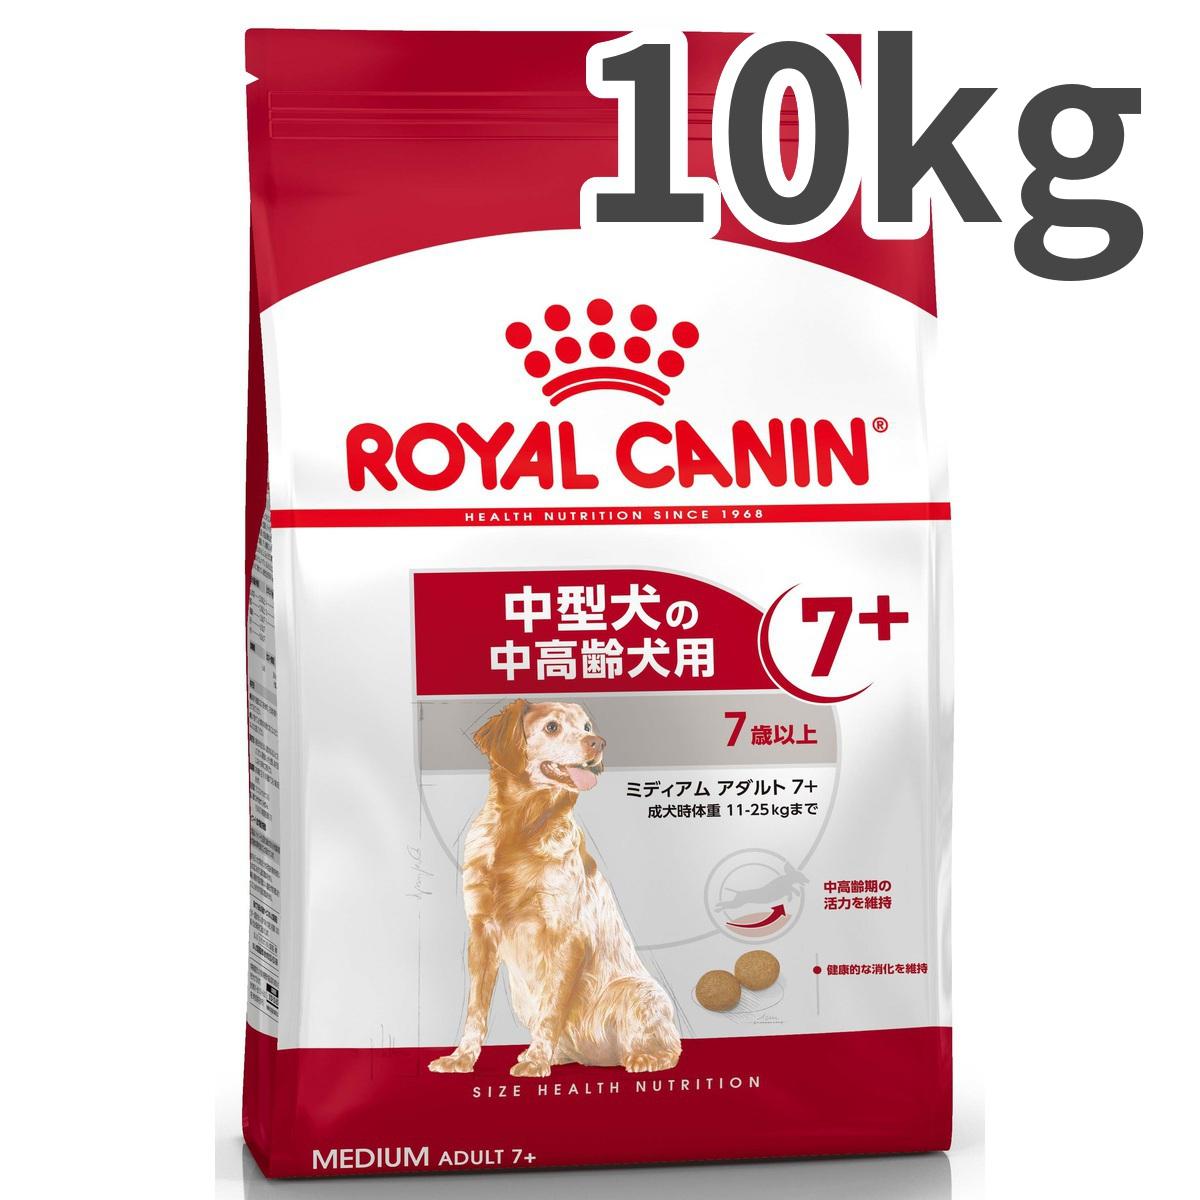 ロイヤルカナン ミディアム アダルト 7+ 7歳以上 中型犬高齢犬用 10kg【送料無料】